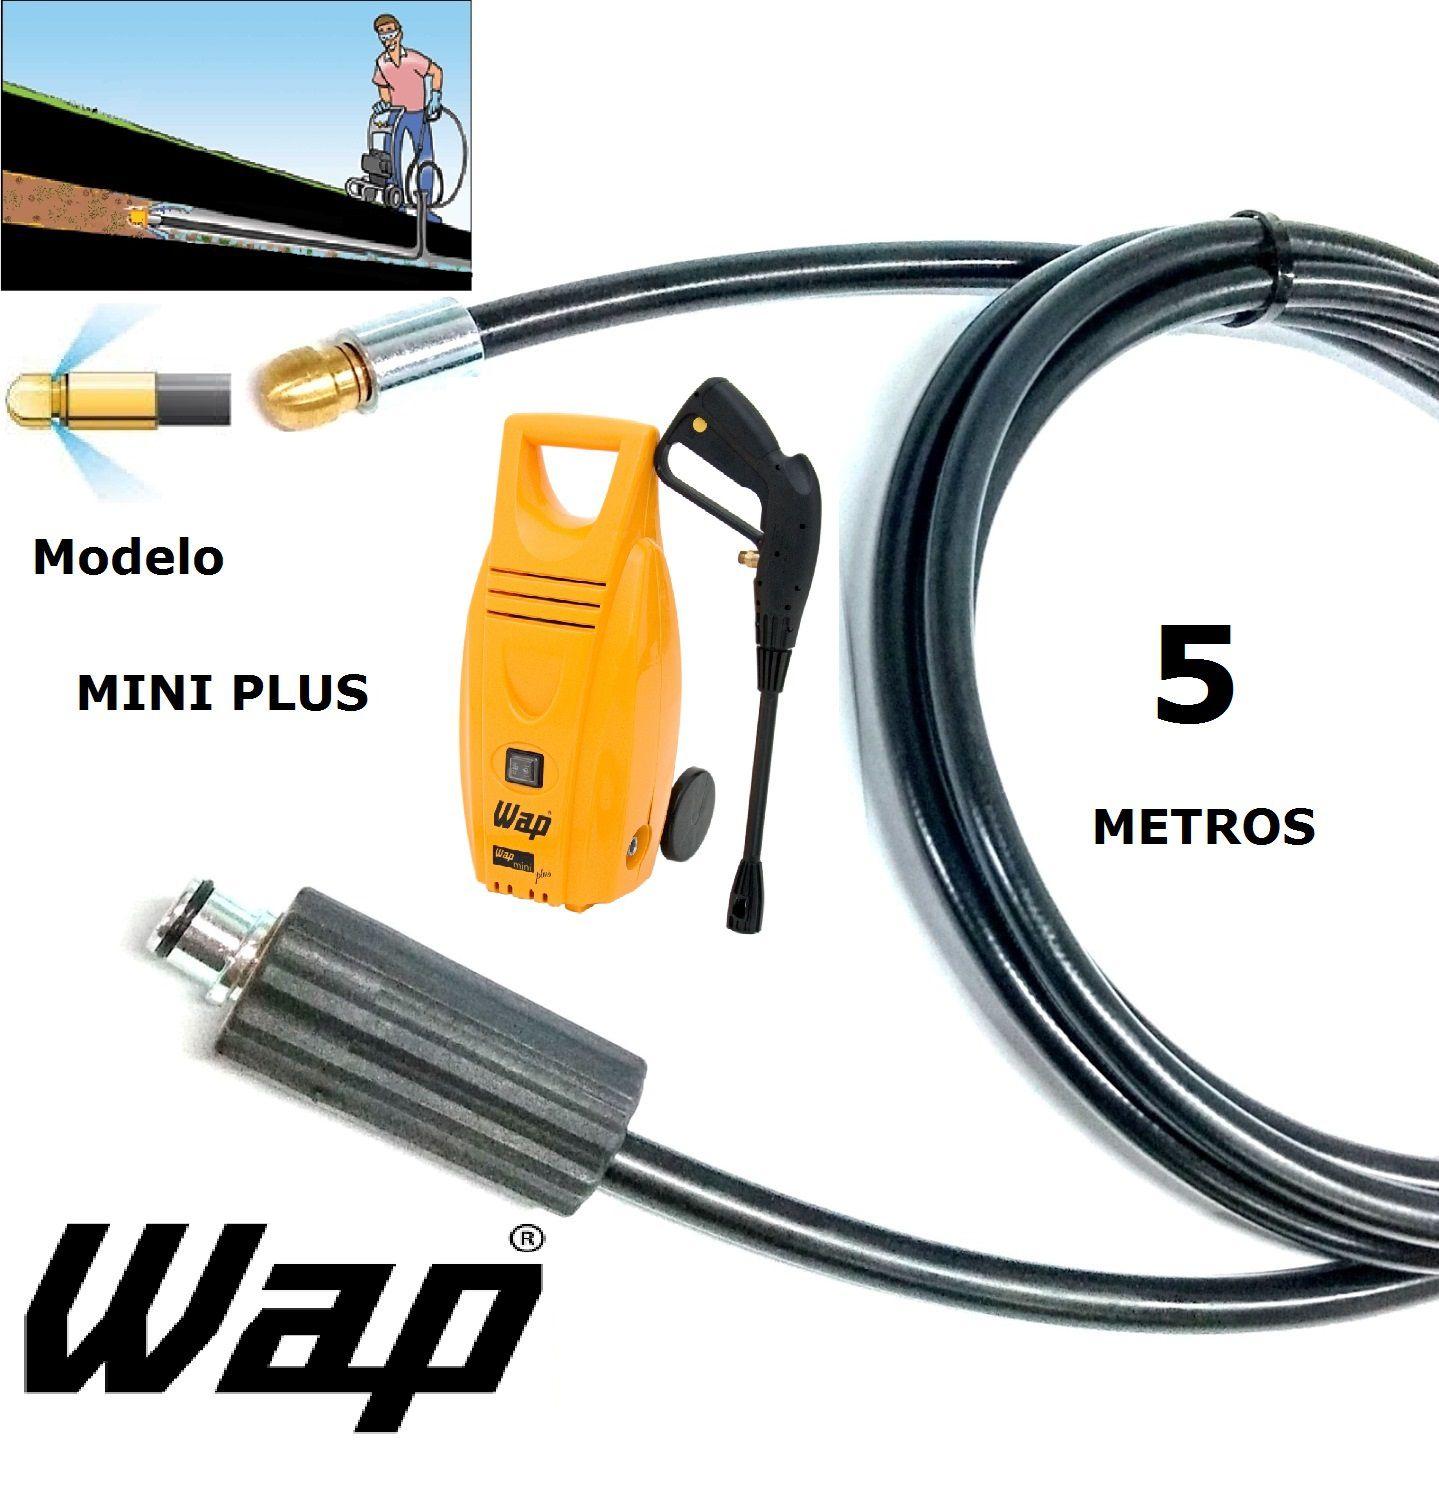 Mangueira desentupidora de tubulação WAP - 5 Metros - Wap MINI PLUS